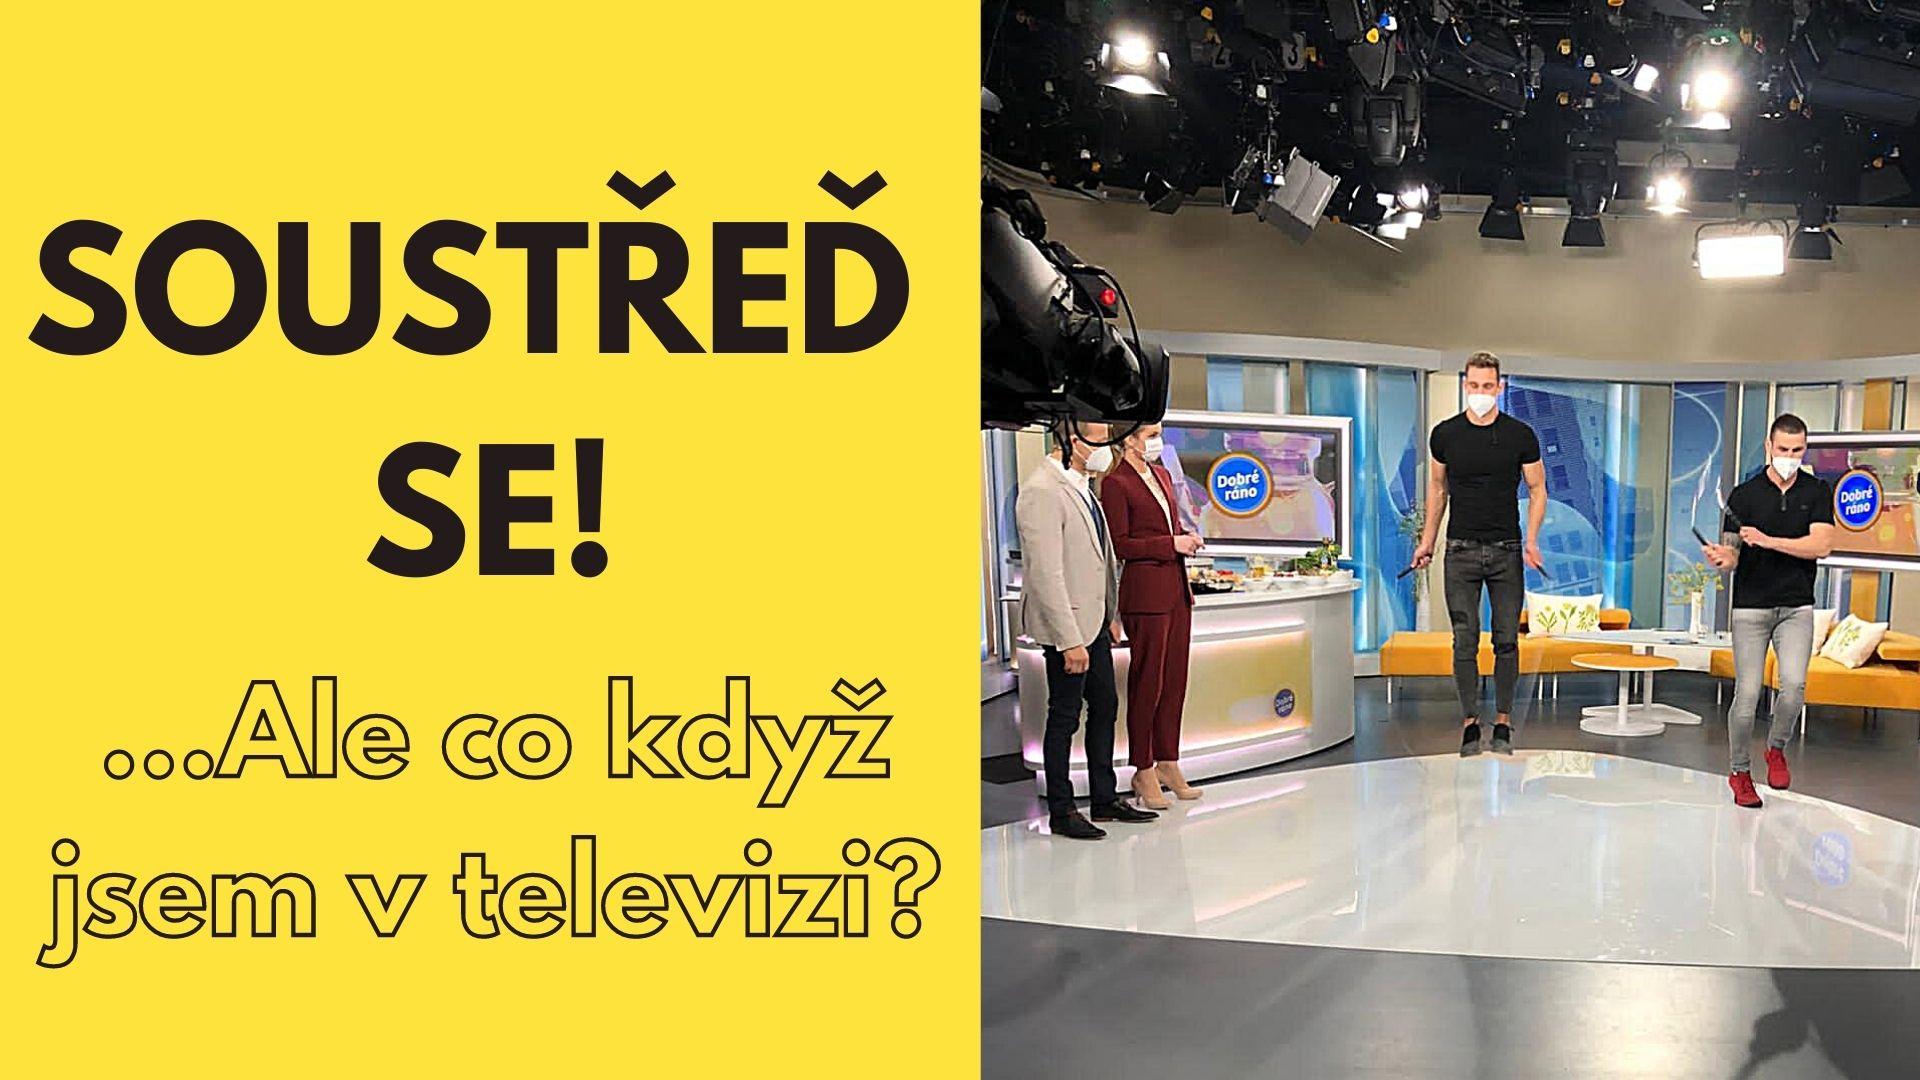 Soustřeď se! Dobře, ale co když jsem v televizi? #FAIL